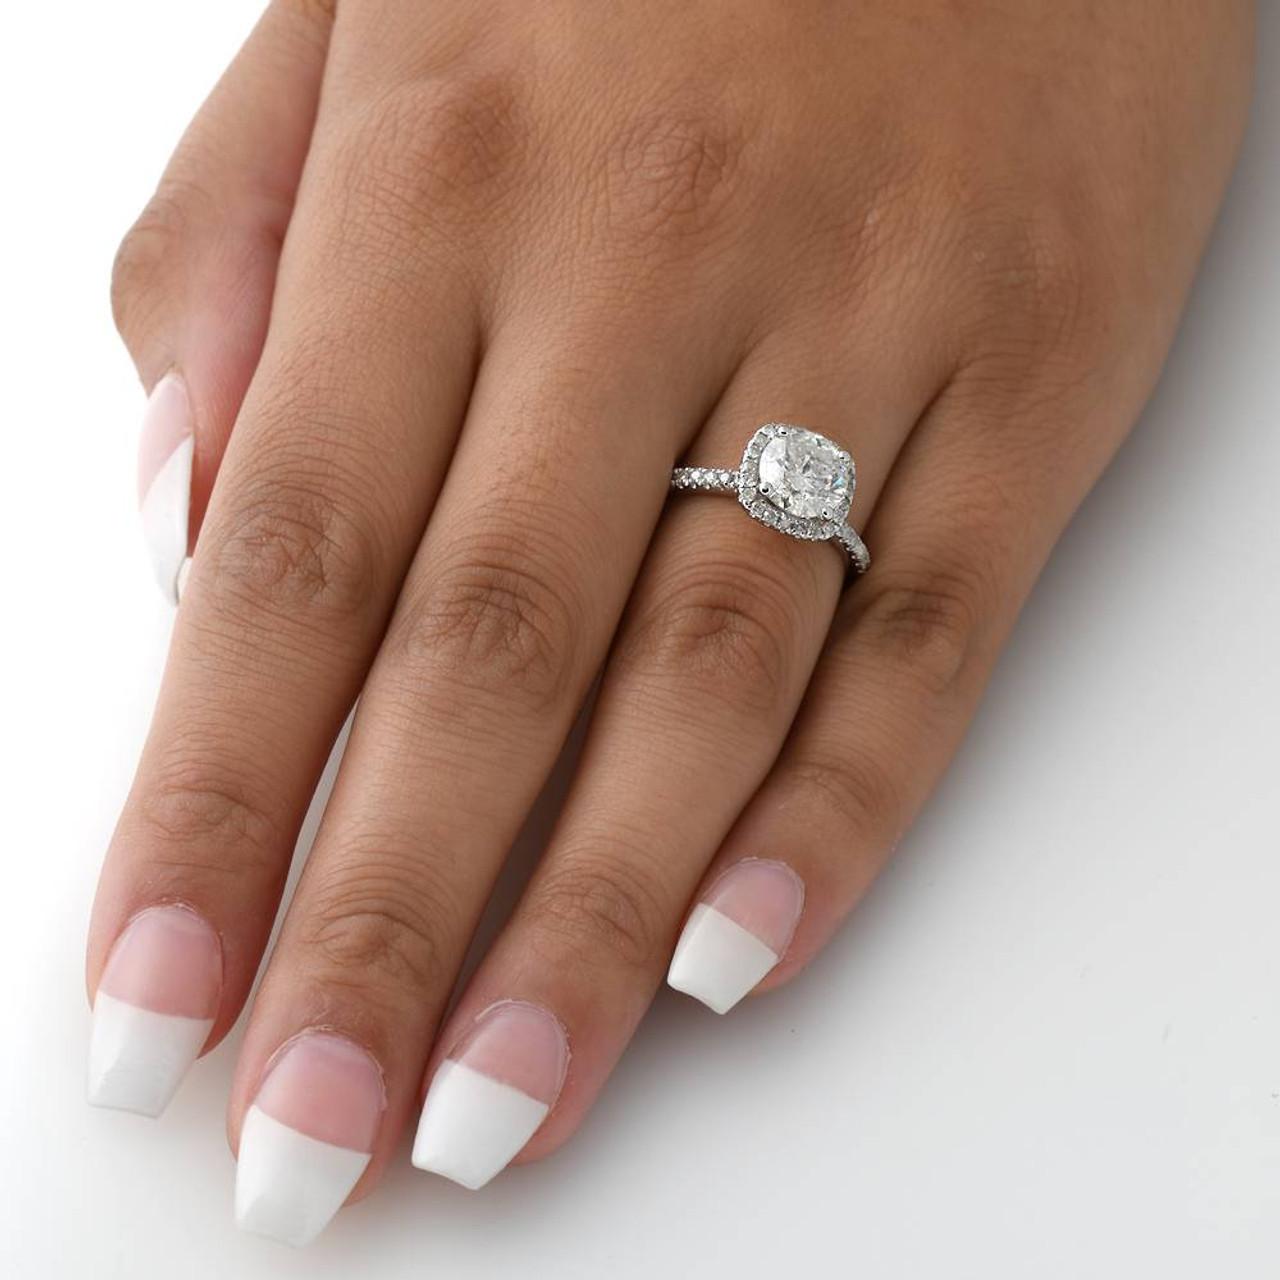 Fullsize Of 2 Carat Diamond Ring